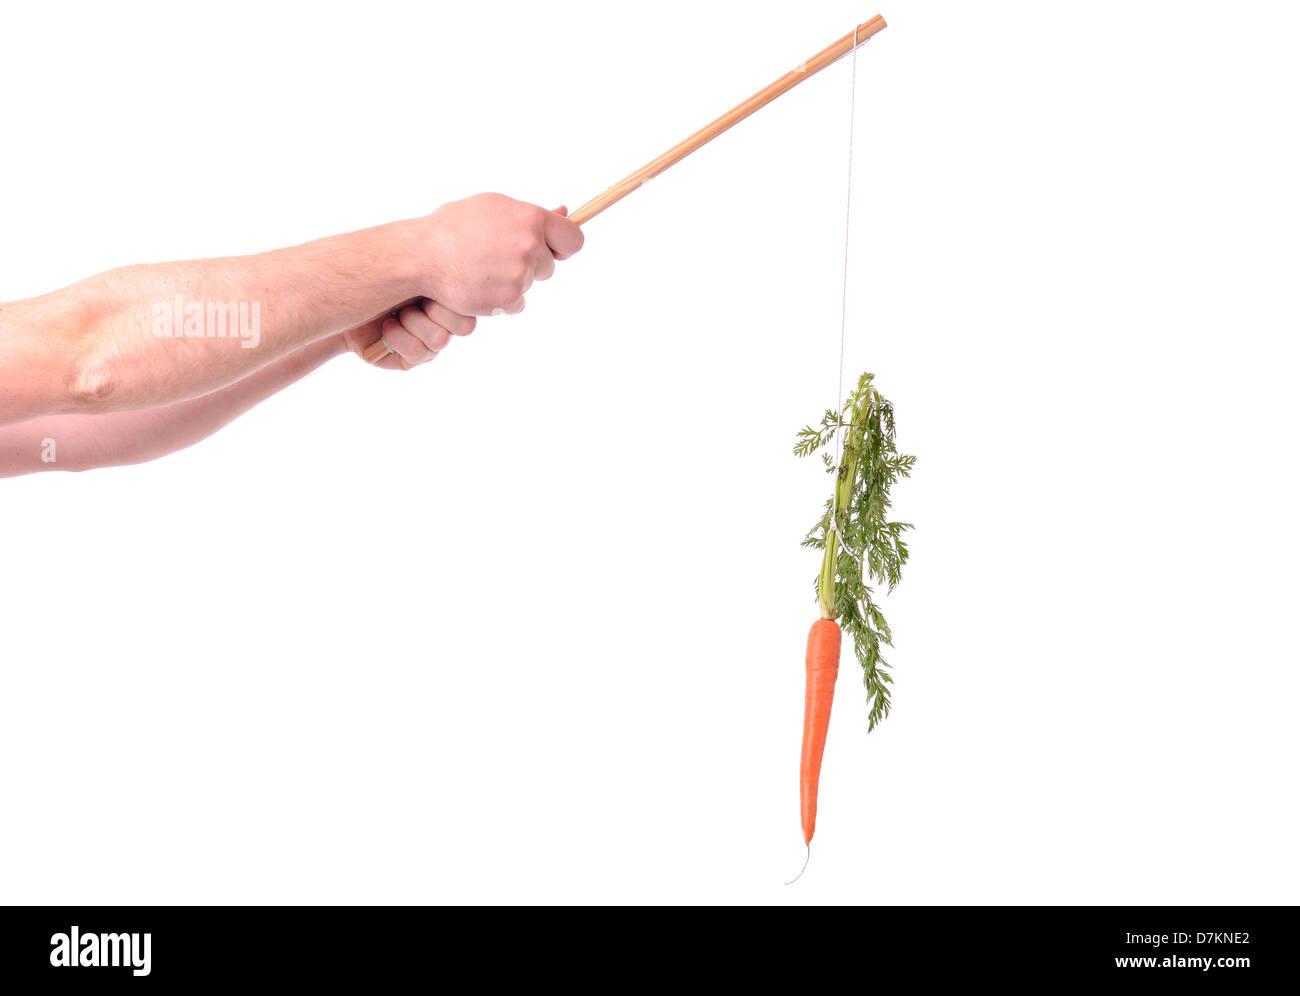 Motivación de colgando una zanahoria en un palo aislado en blanco Imagen De Stock